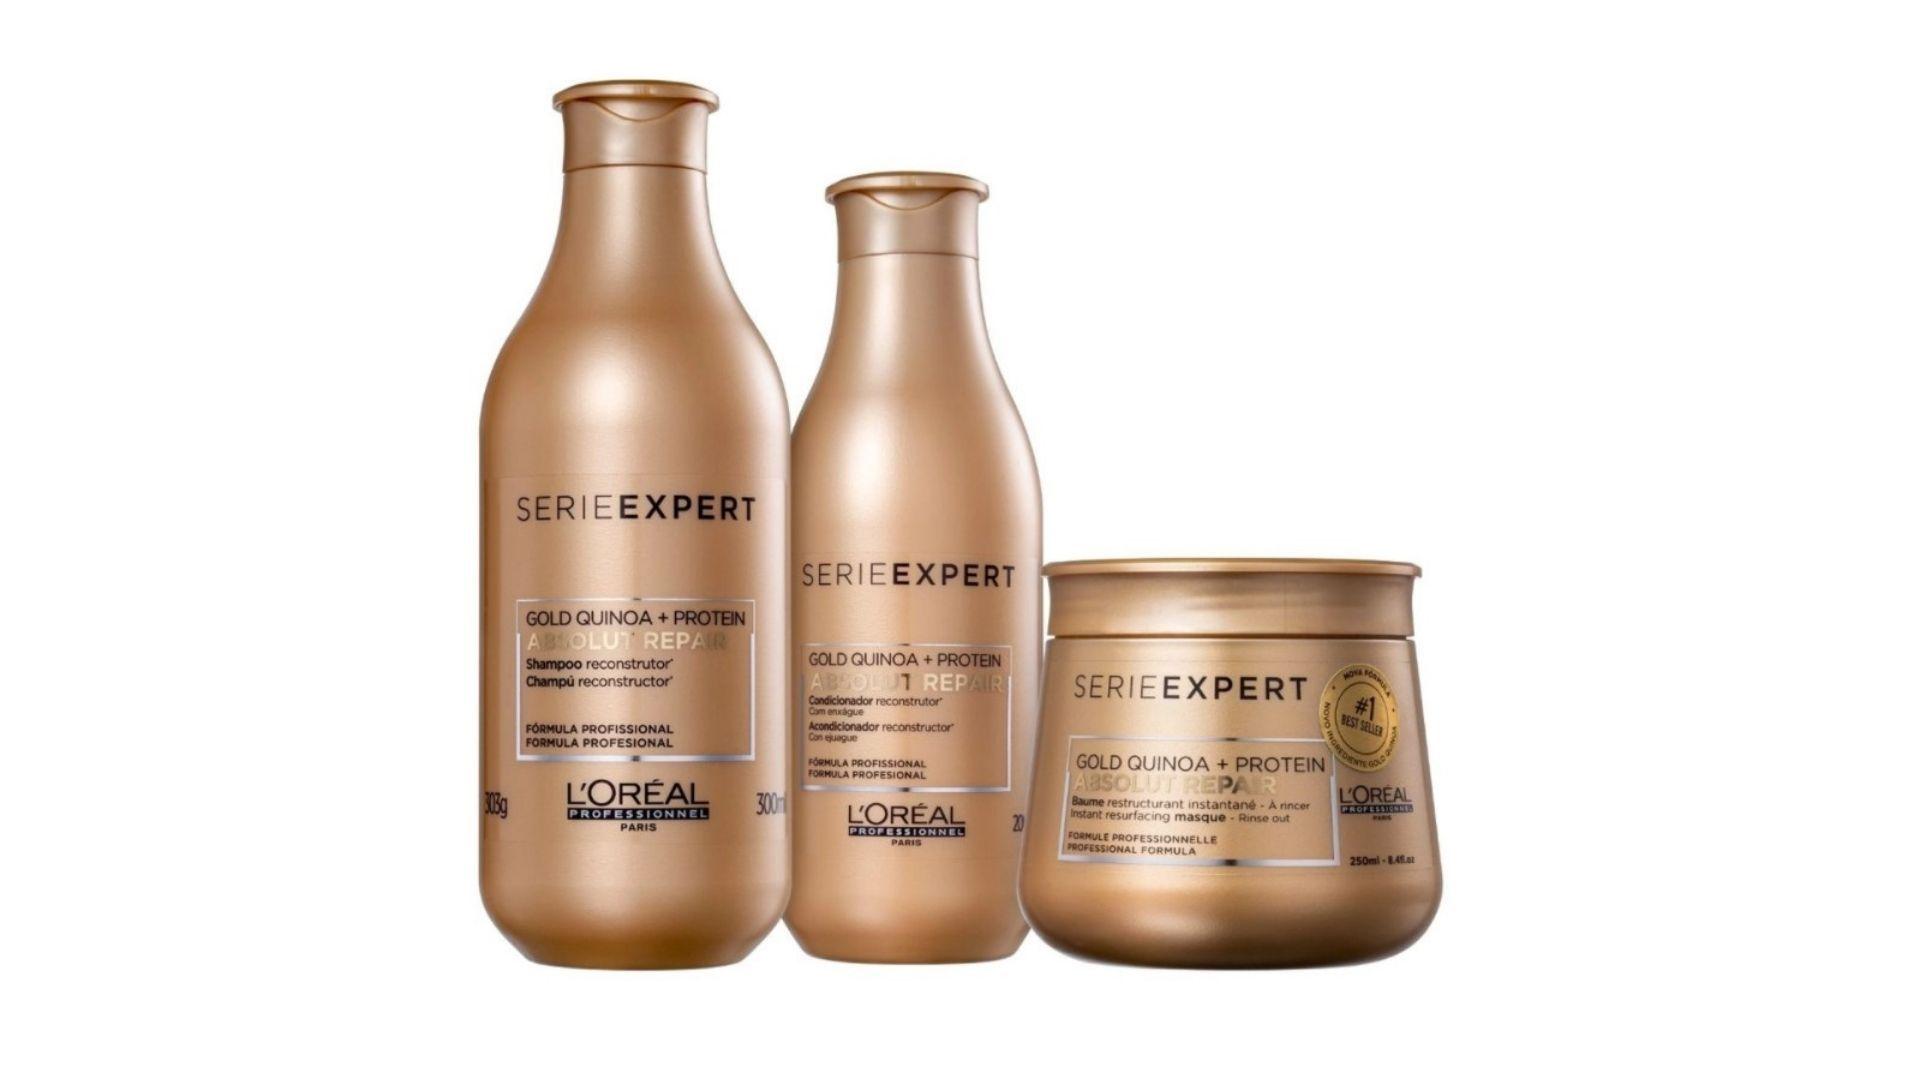 Para os loiros, platinados ou com química, a linha Absolut Repair da Série Expert de L'Oréal Professionel é a mais indicada por Alê Crema (Foto: Reprodução, L'Oréal)